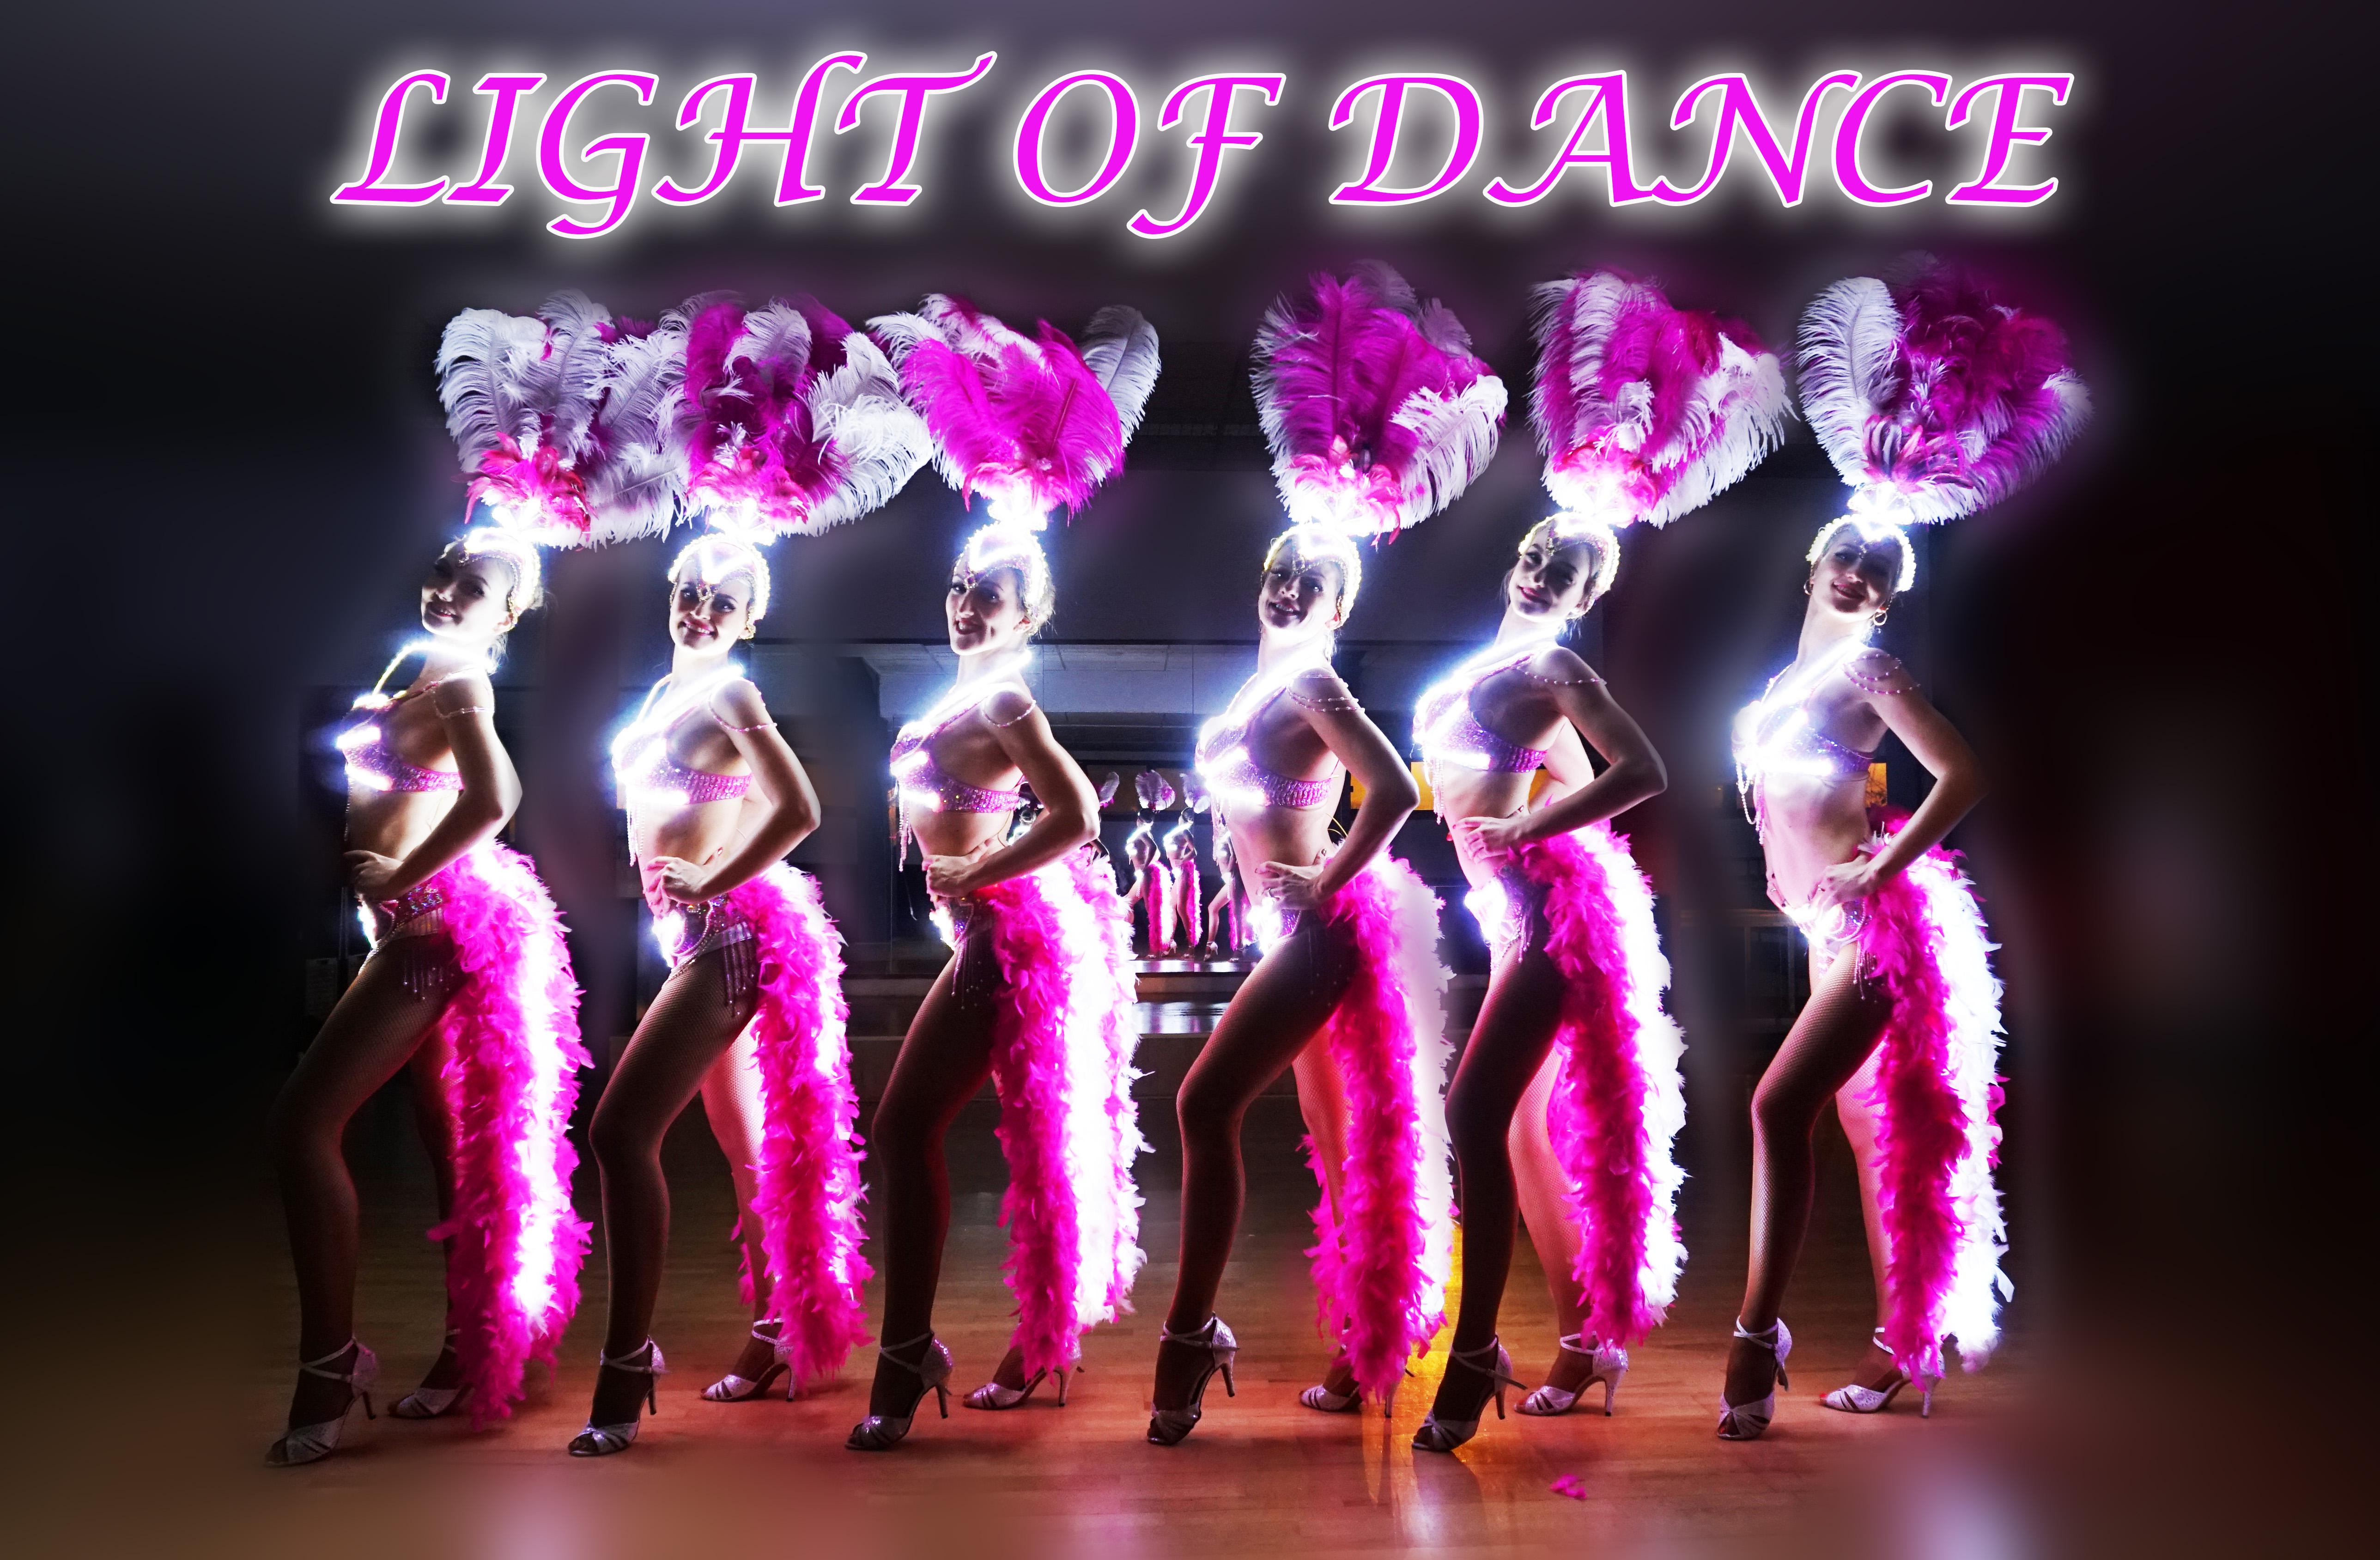 led samba dance